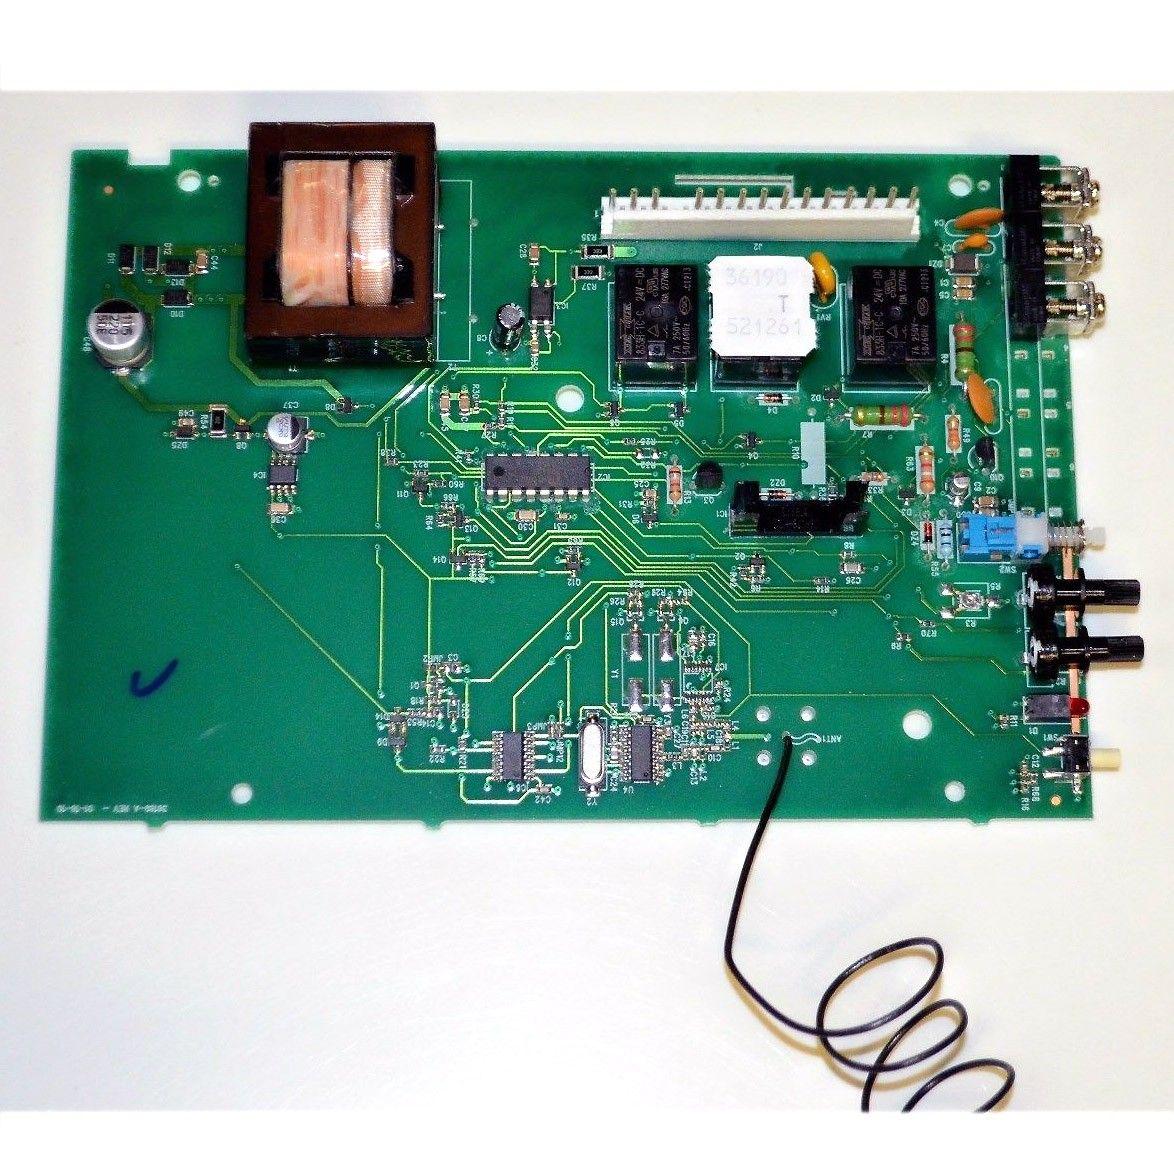 Genie 36190t Control Board For Icb 3 Terminal 20380r Garage Door Opener Garage Doors Diy Garage Door